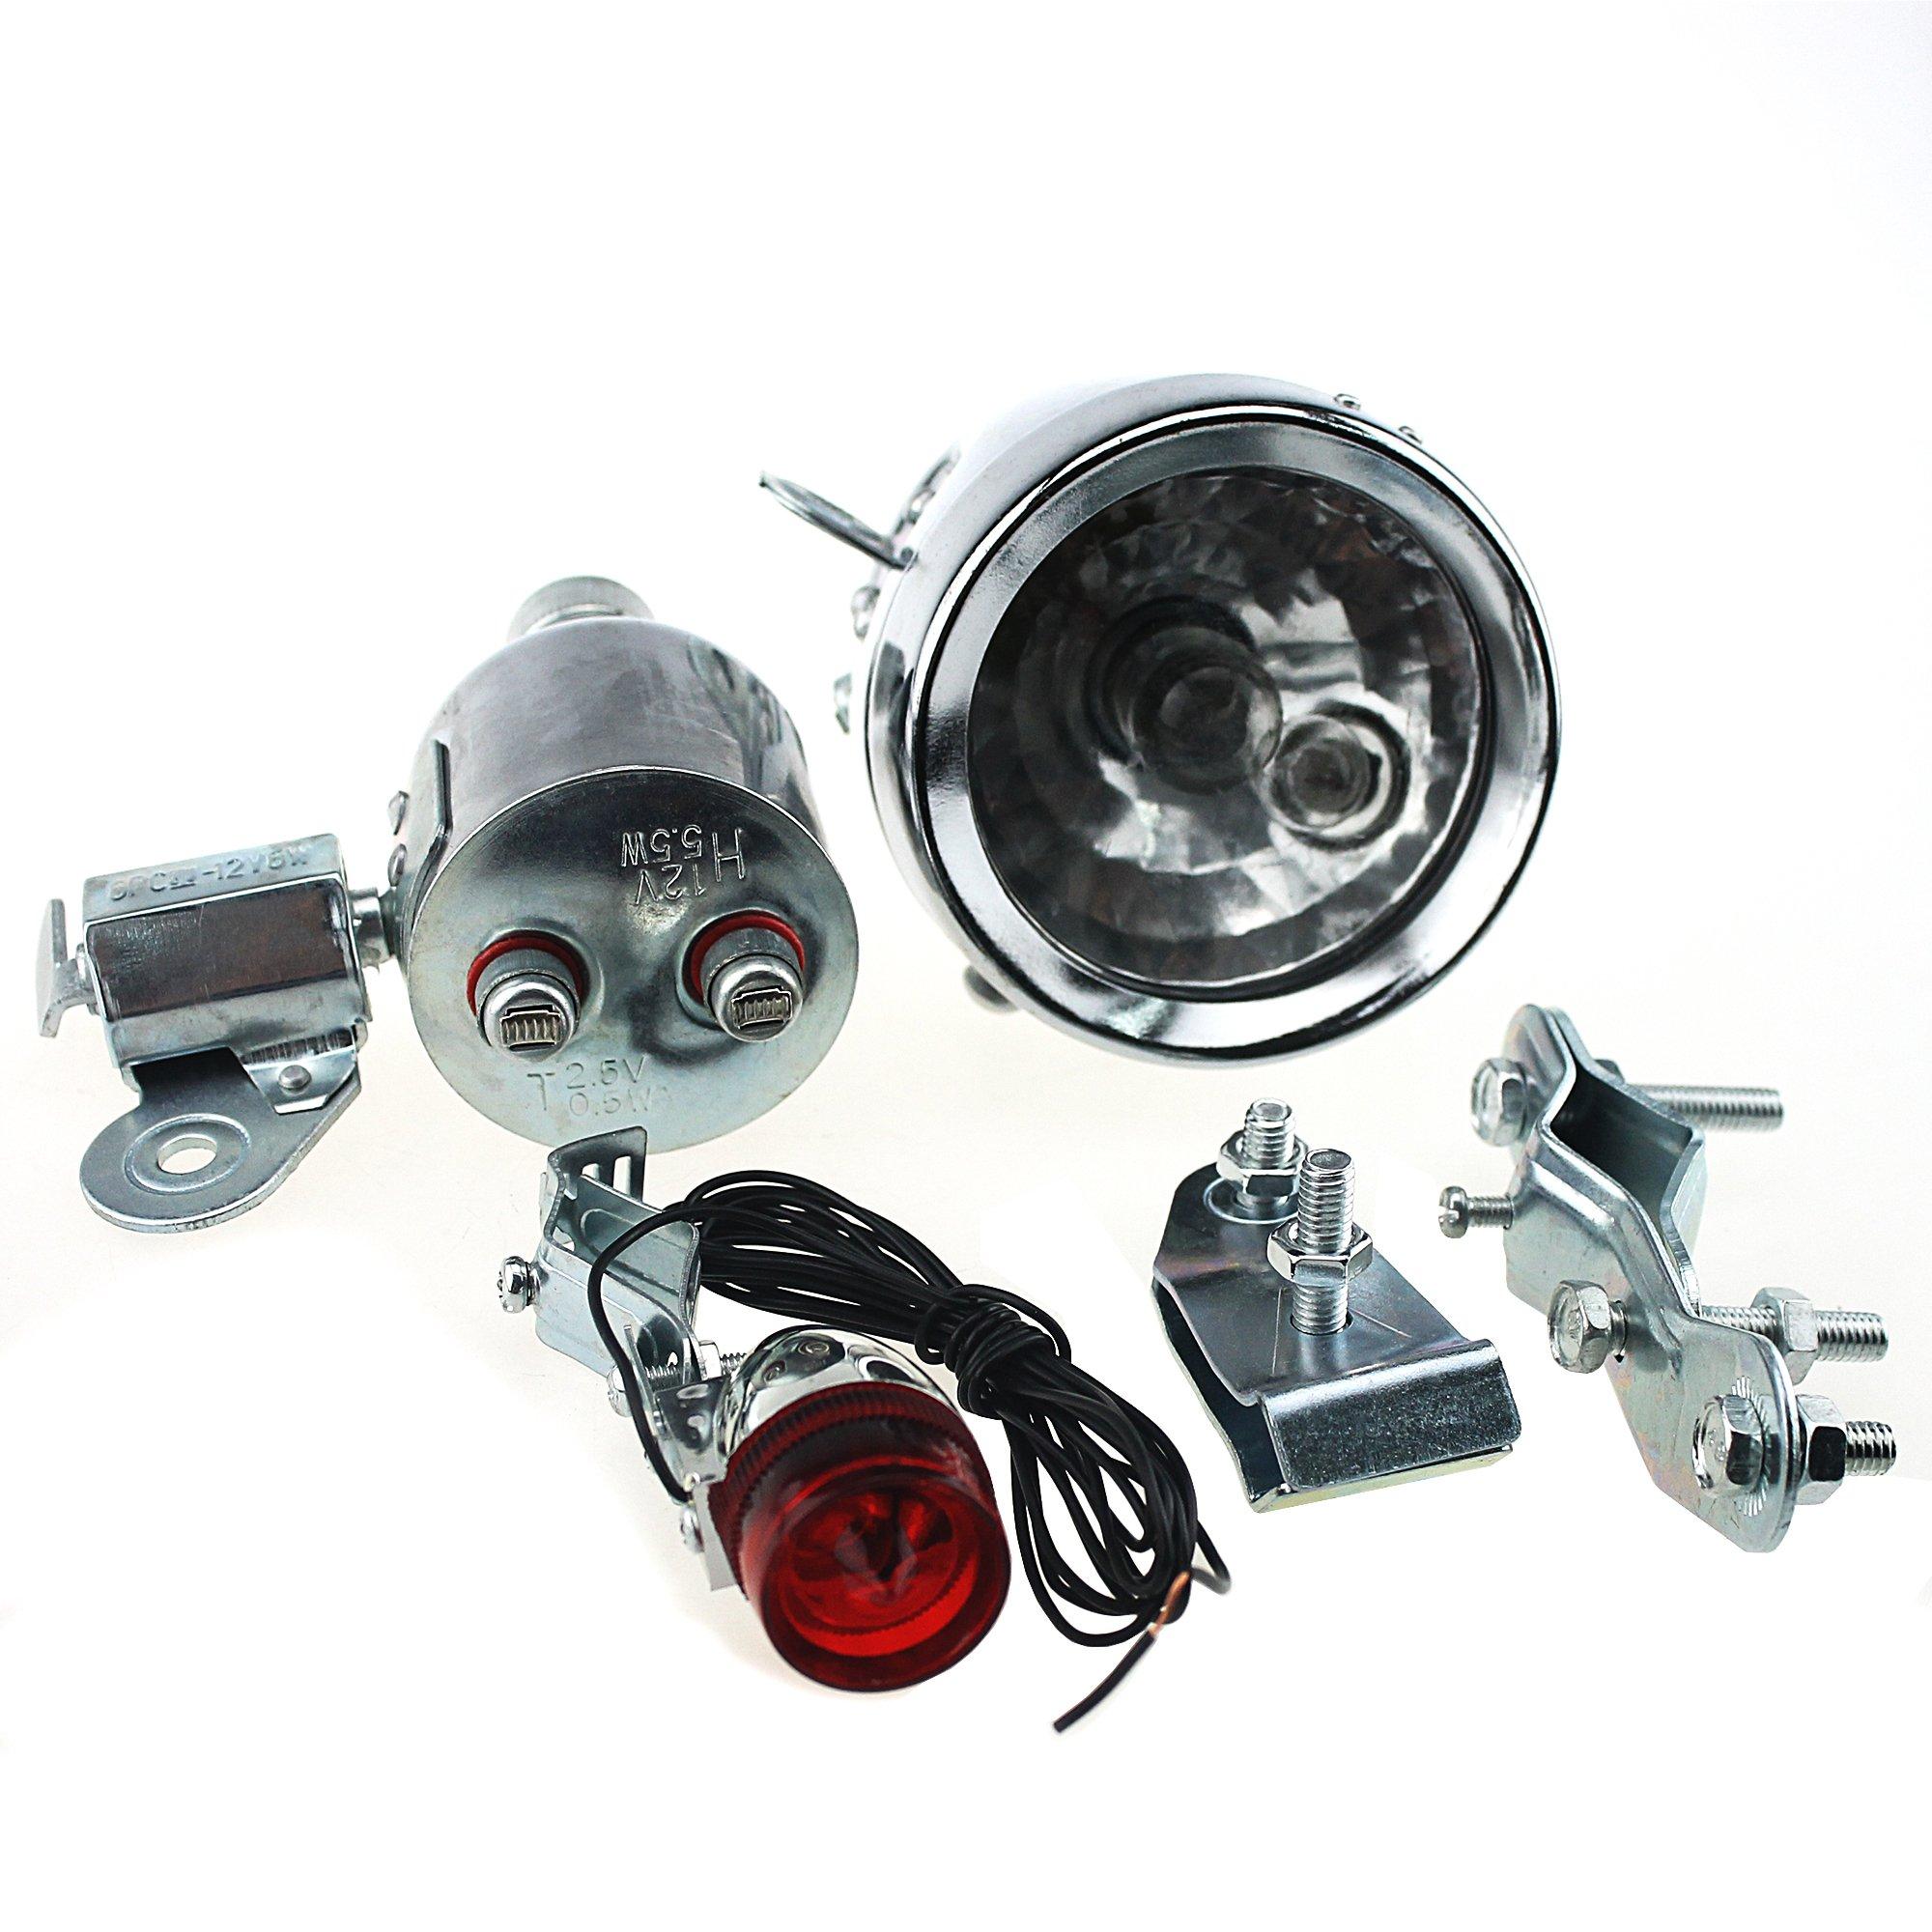 Ambuker 12V 6W Bicycle Motorized Bike Friction Generator Dynamo Headlight Tail Light Kit